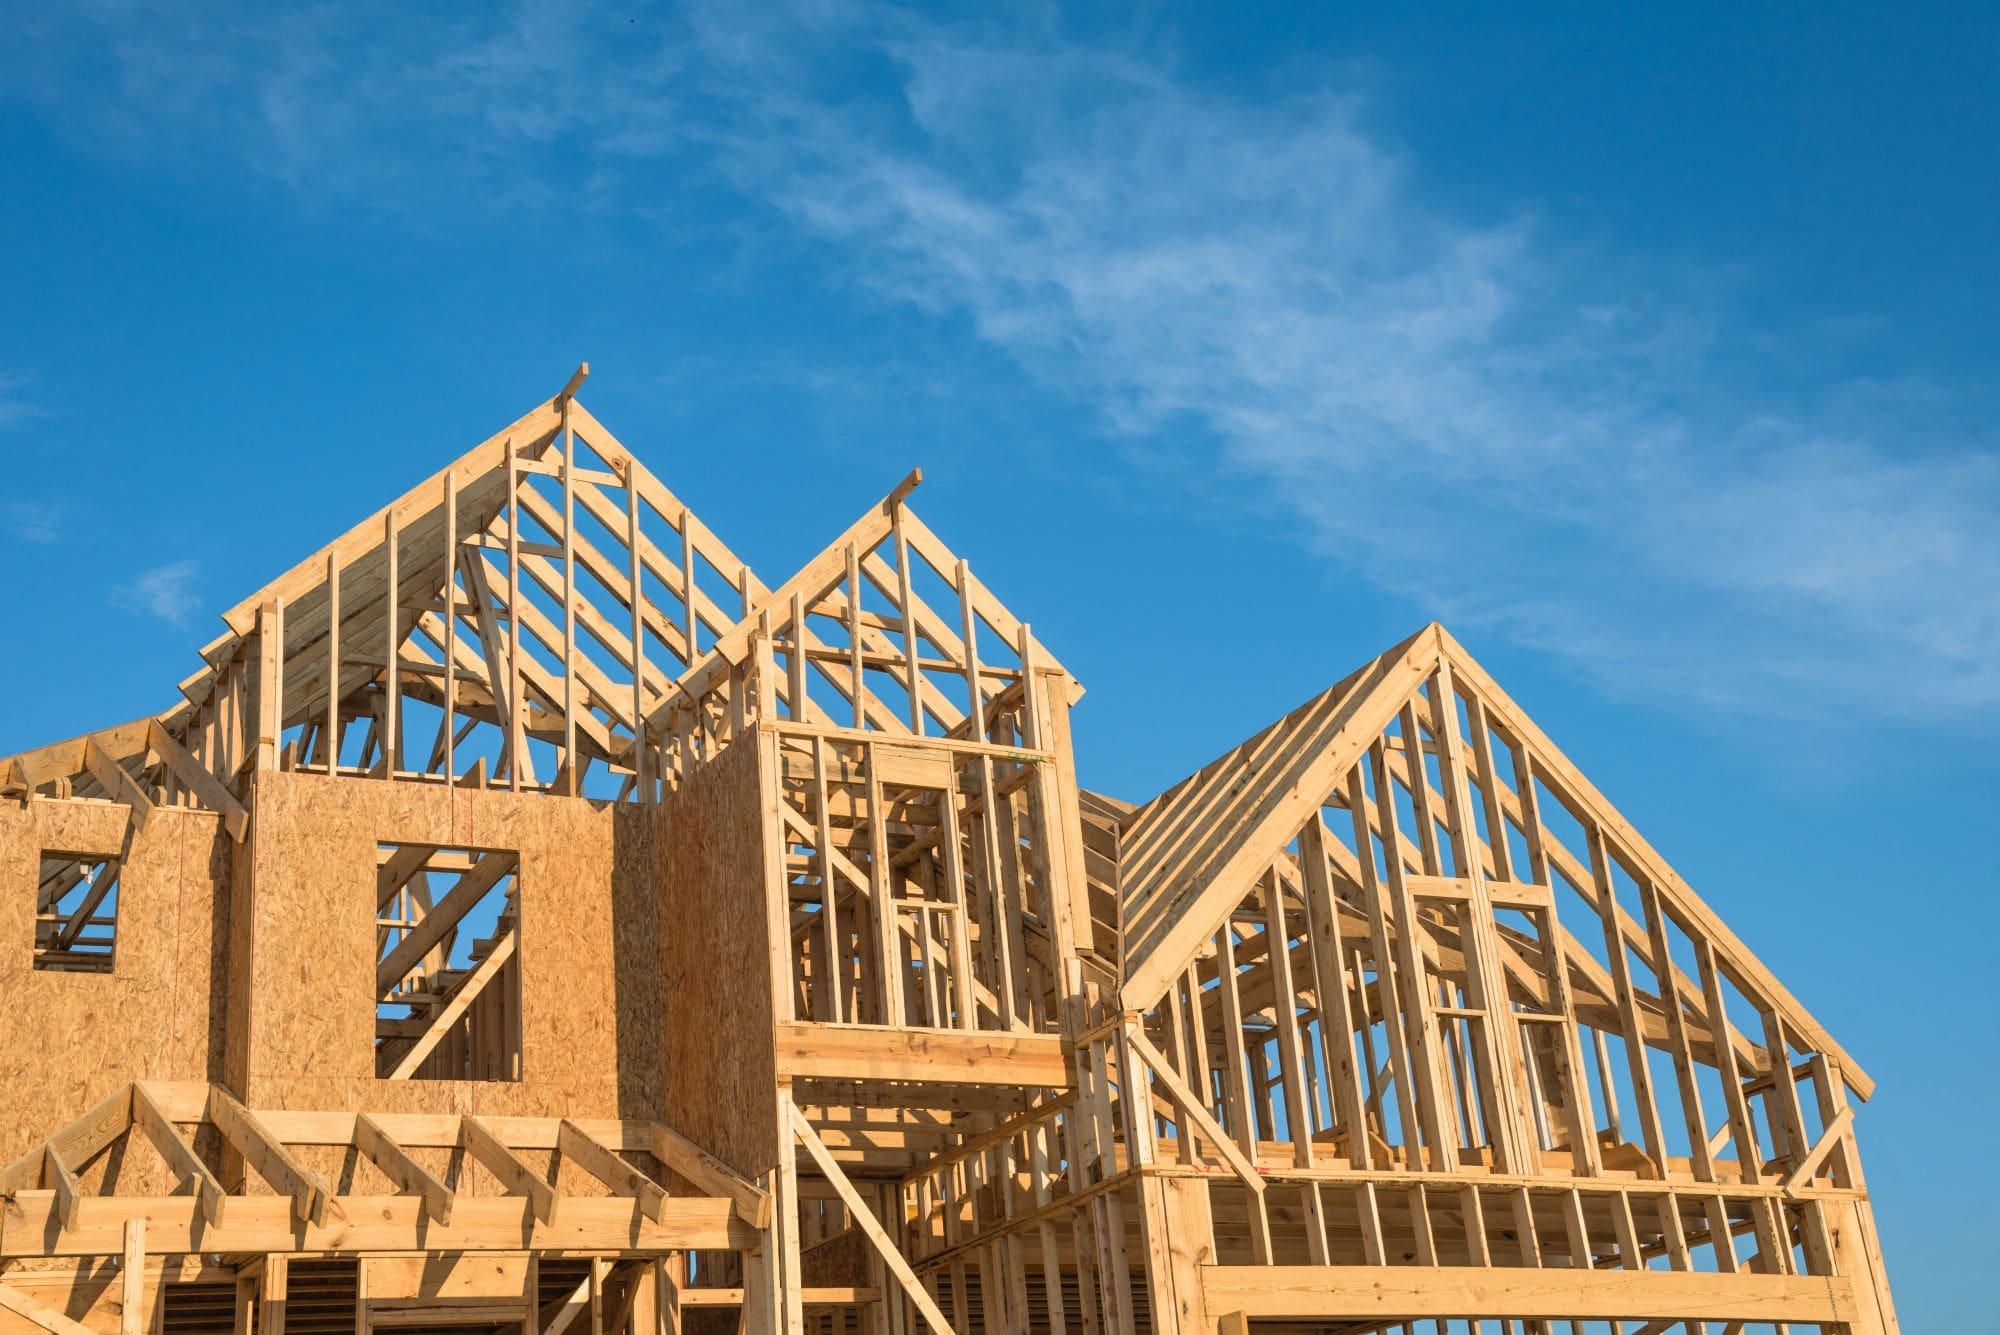 home new construction holland michigan west michigan kyle geenen baumann building bosgraaf eastbrook